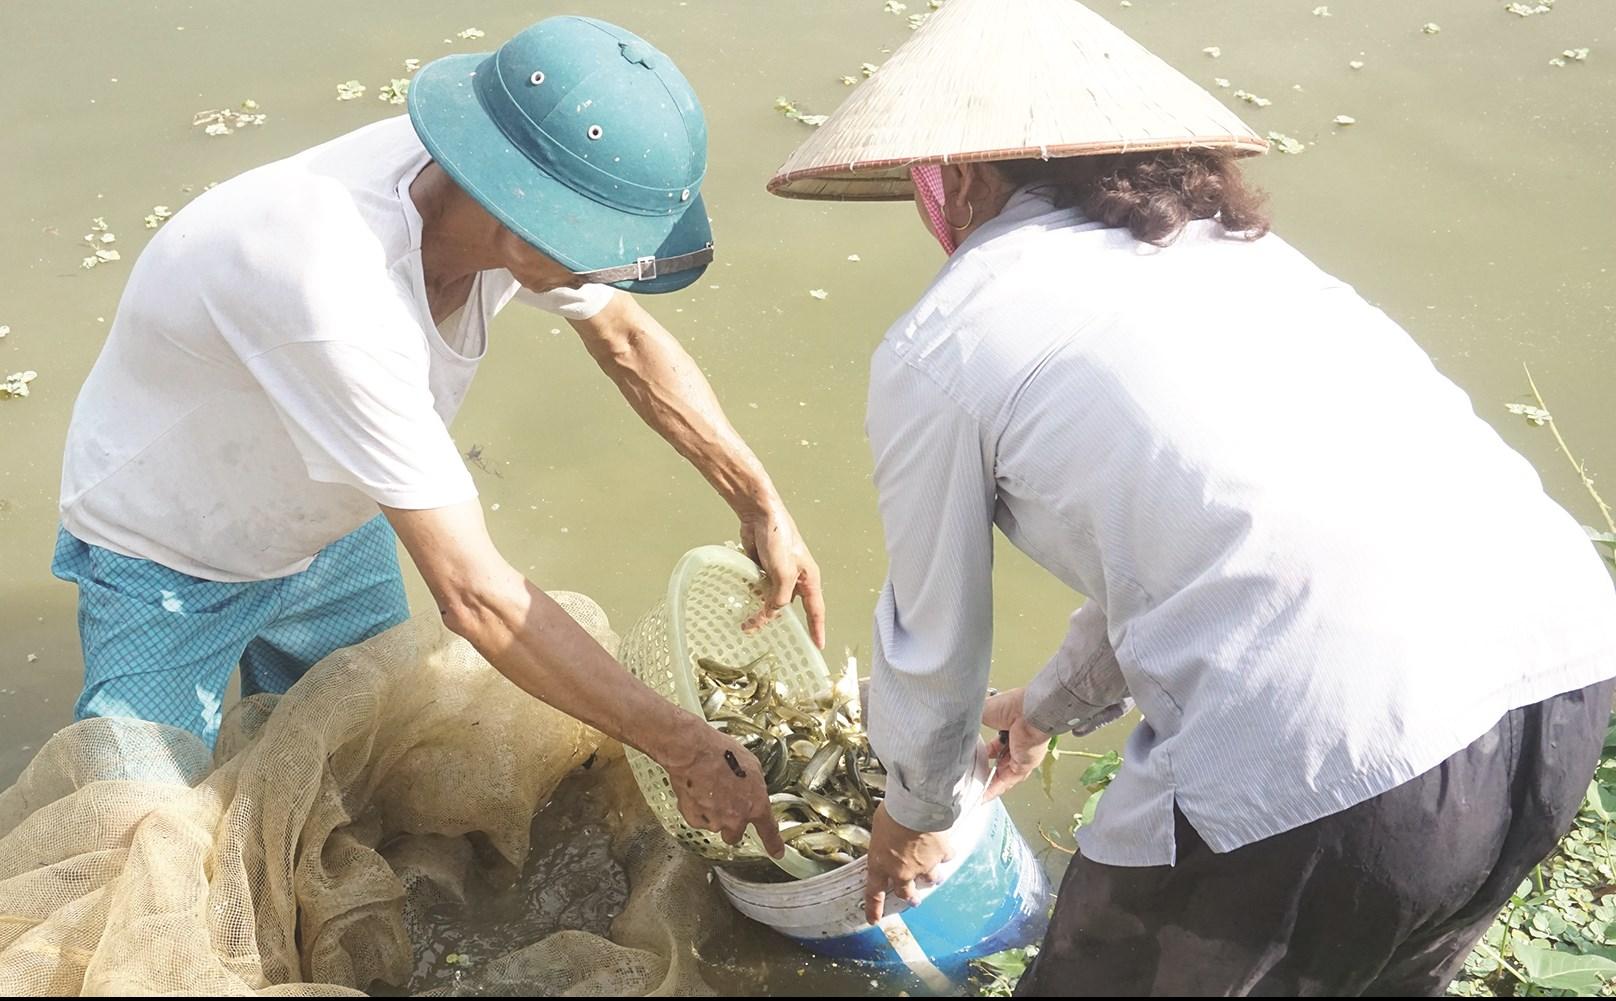 Mỗi năm gia đình ông Chiến thu nhập khoảng 40 triệu đồng từ ương, nuôi, bán cá giống